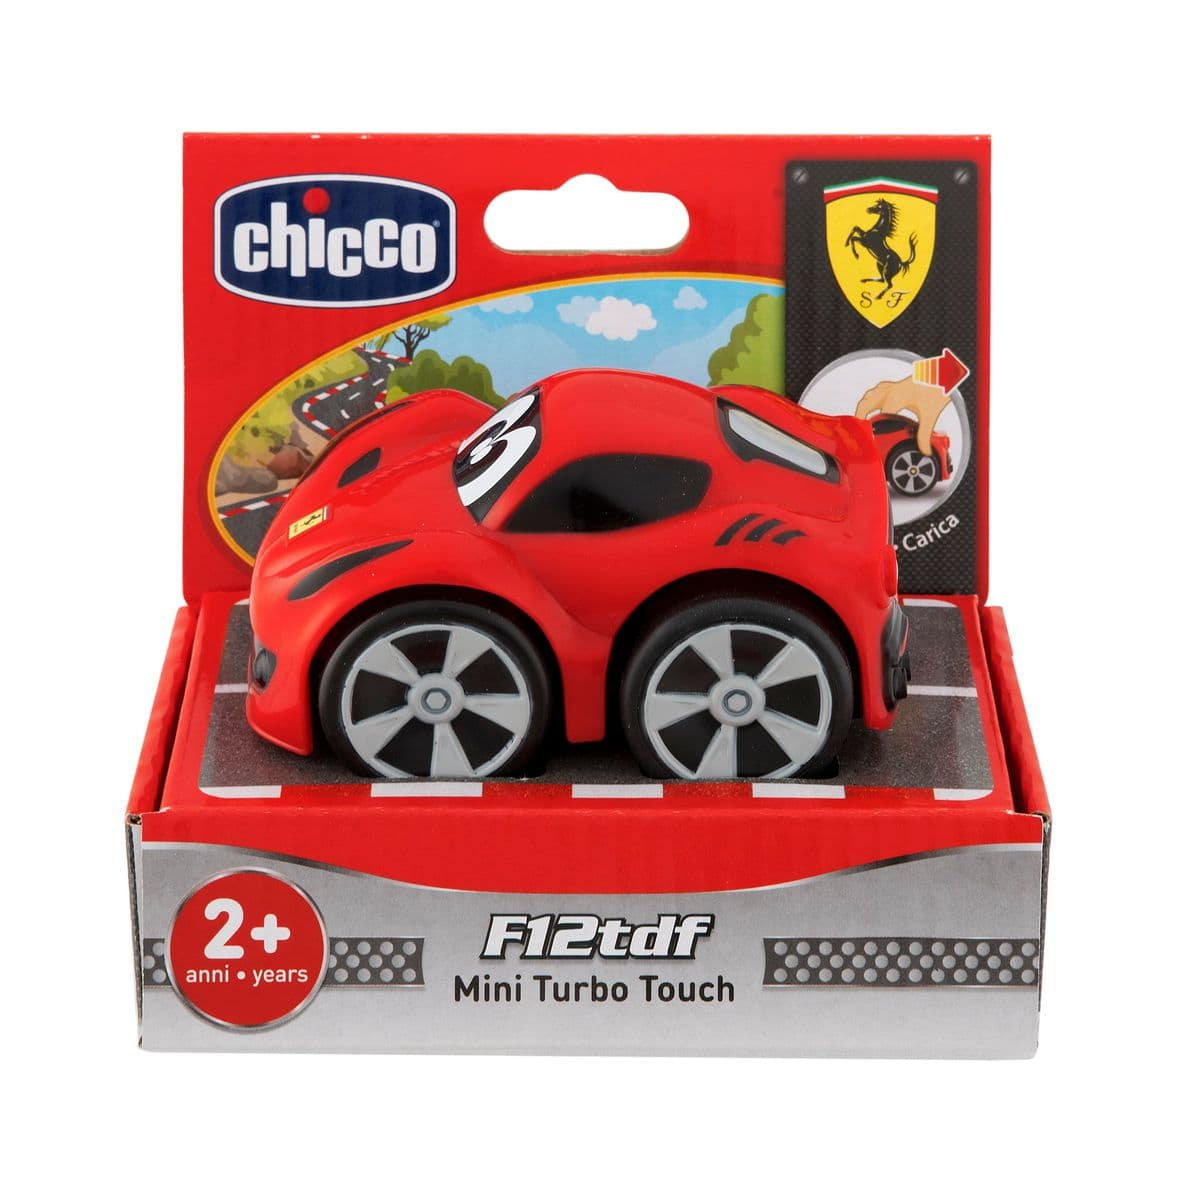 Chicco Mini Turbo Touch Ferrari F12 Tdf Rossa Macchinine